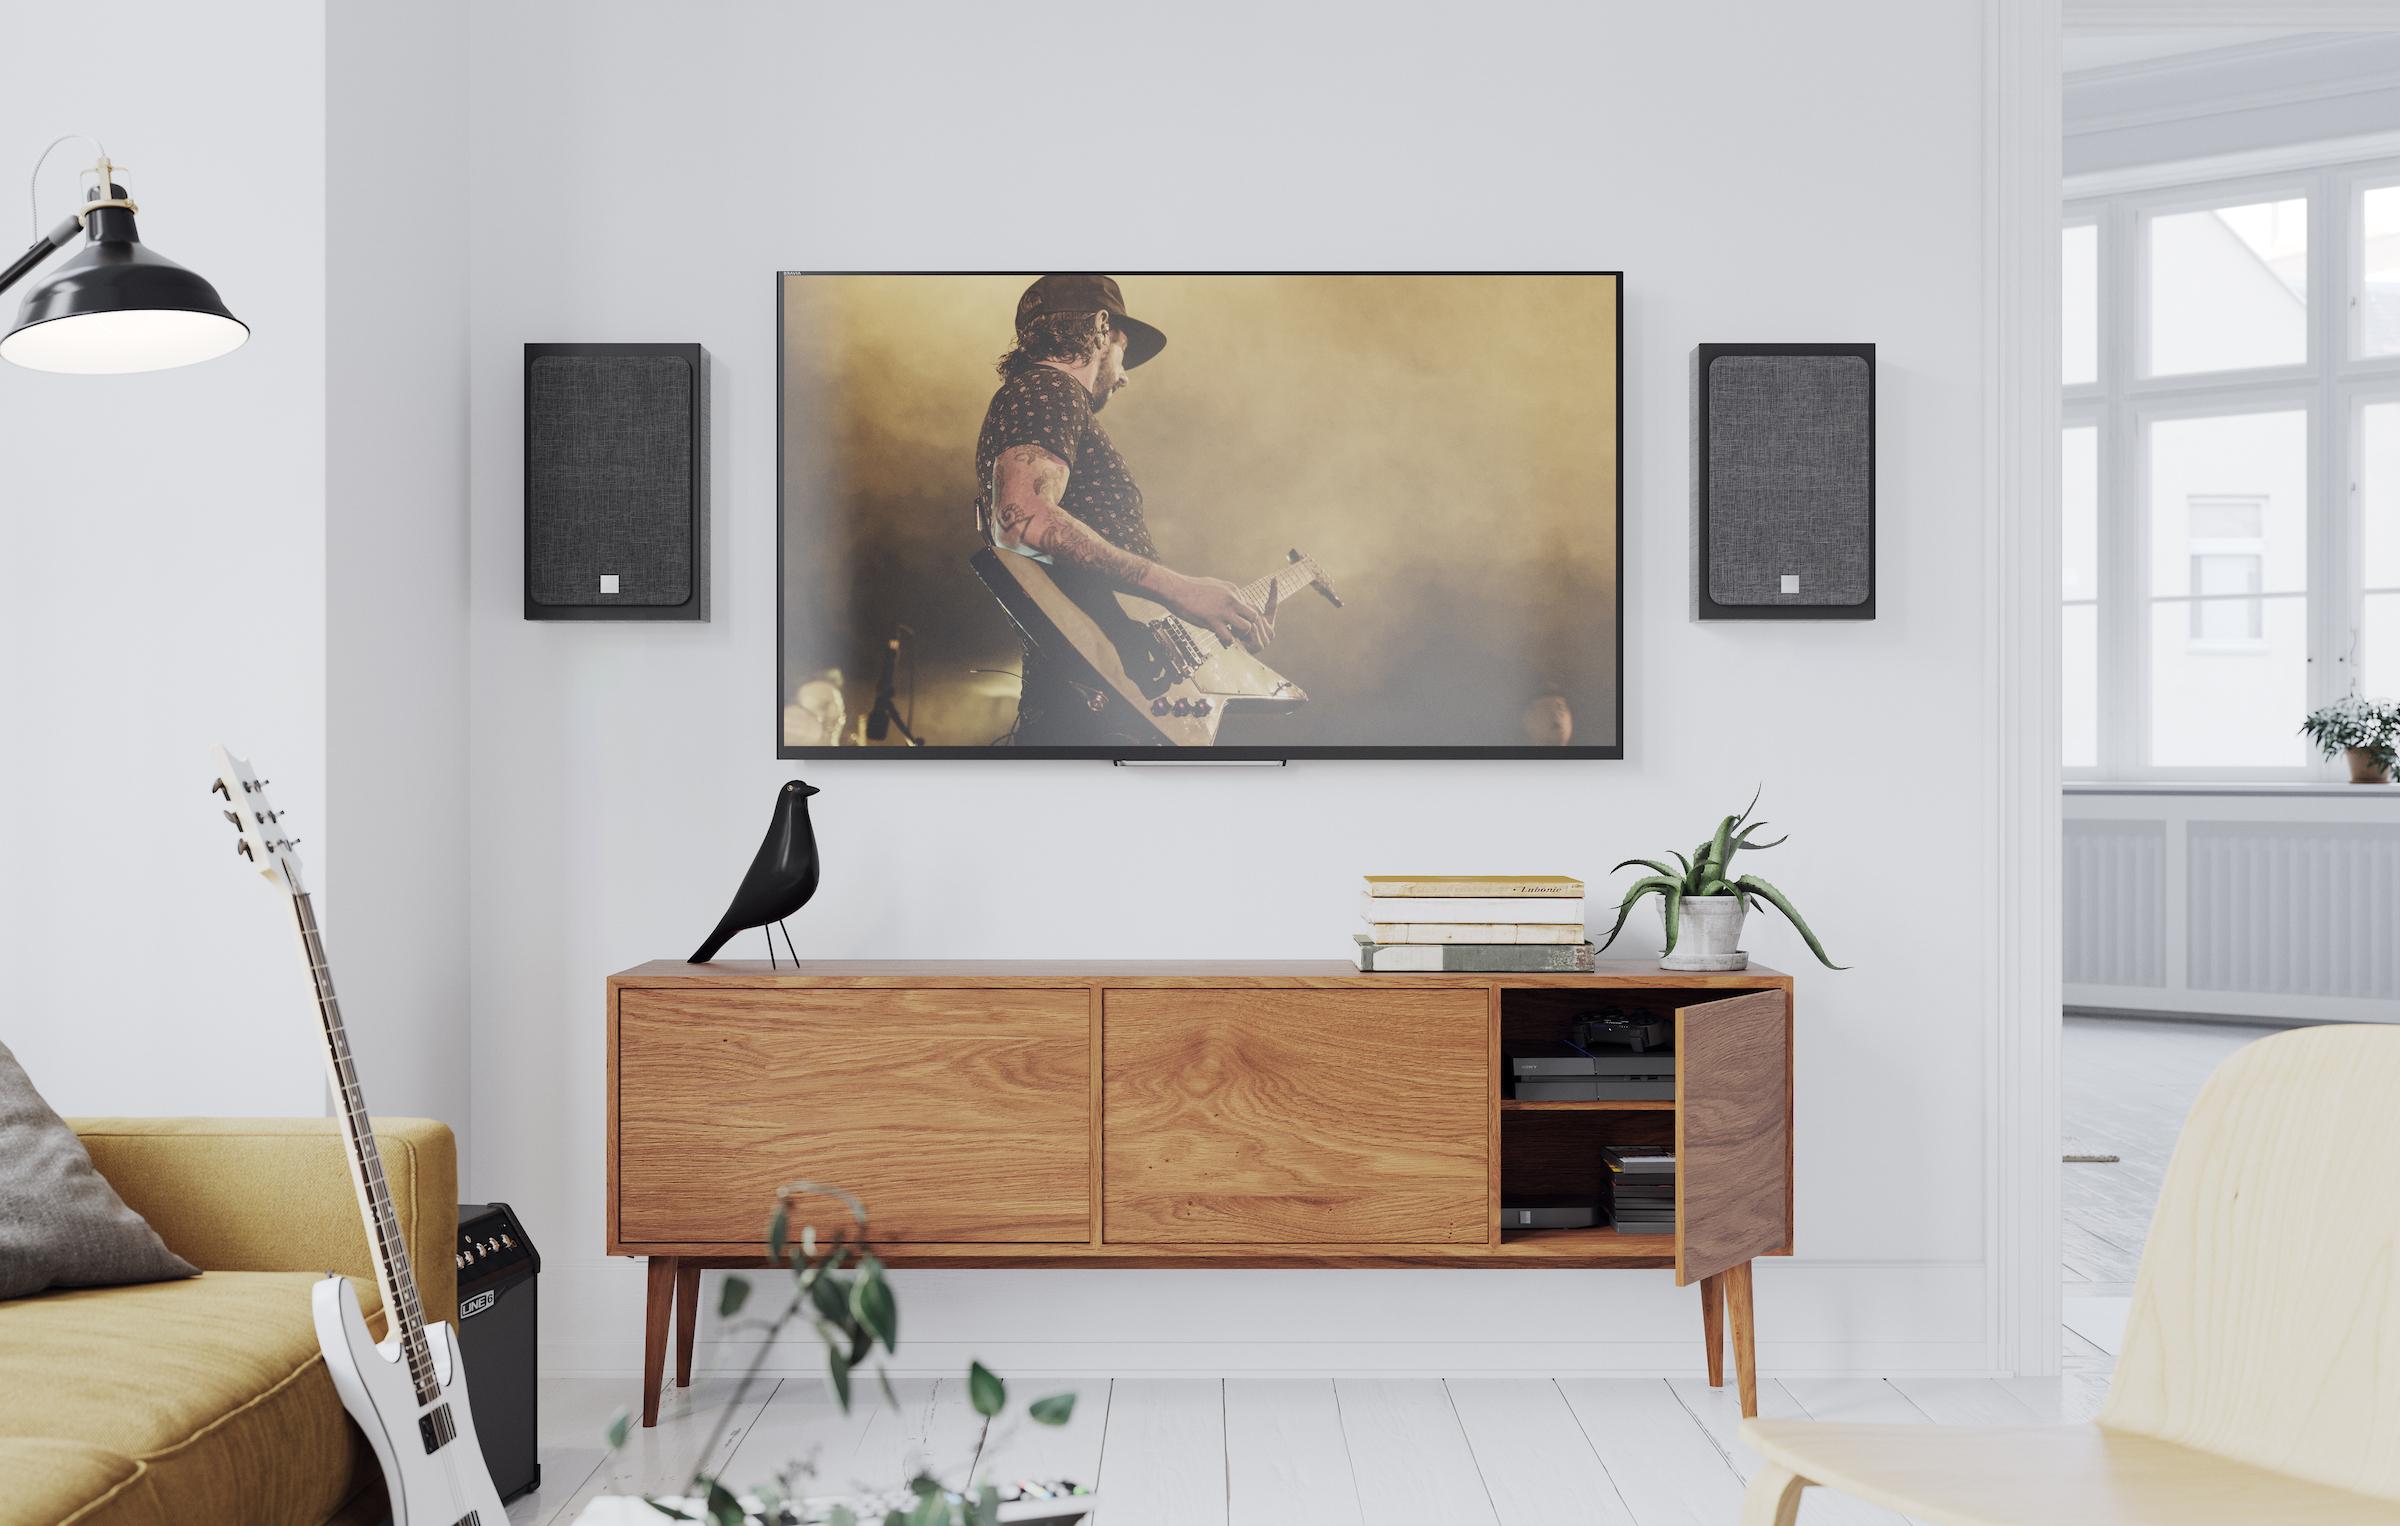 OBERON-C-On-Wall-interior_02_No_WiresUS0gSmkl3DVlE